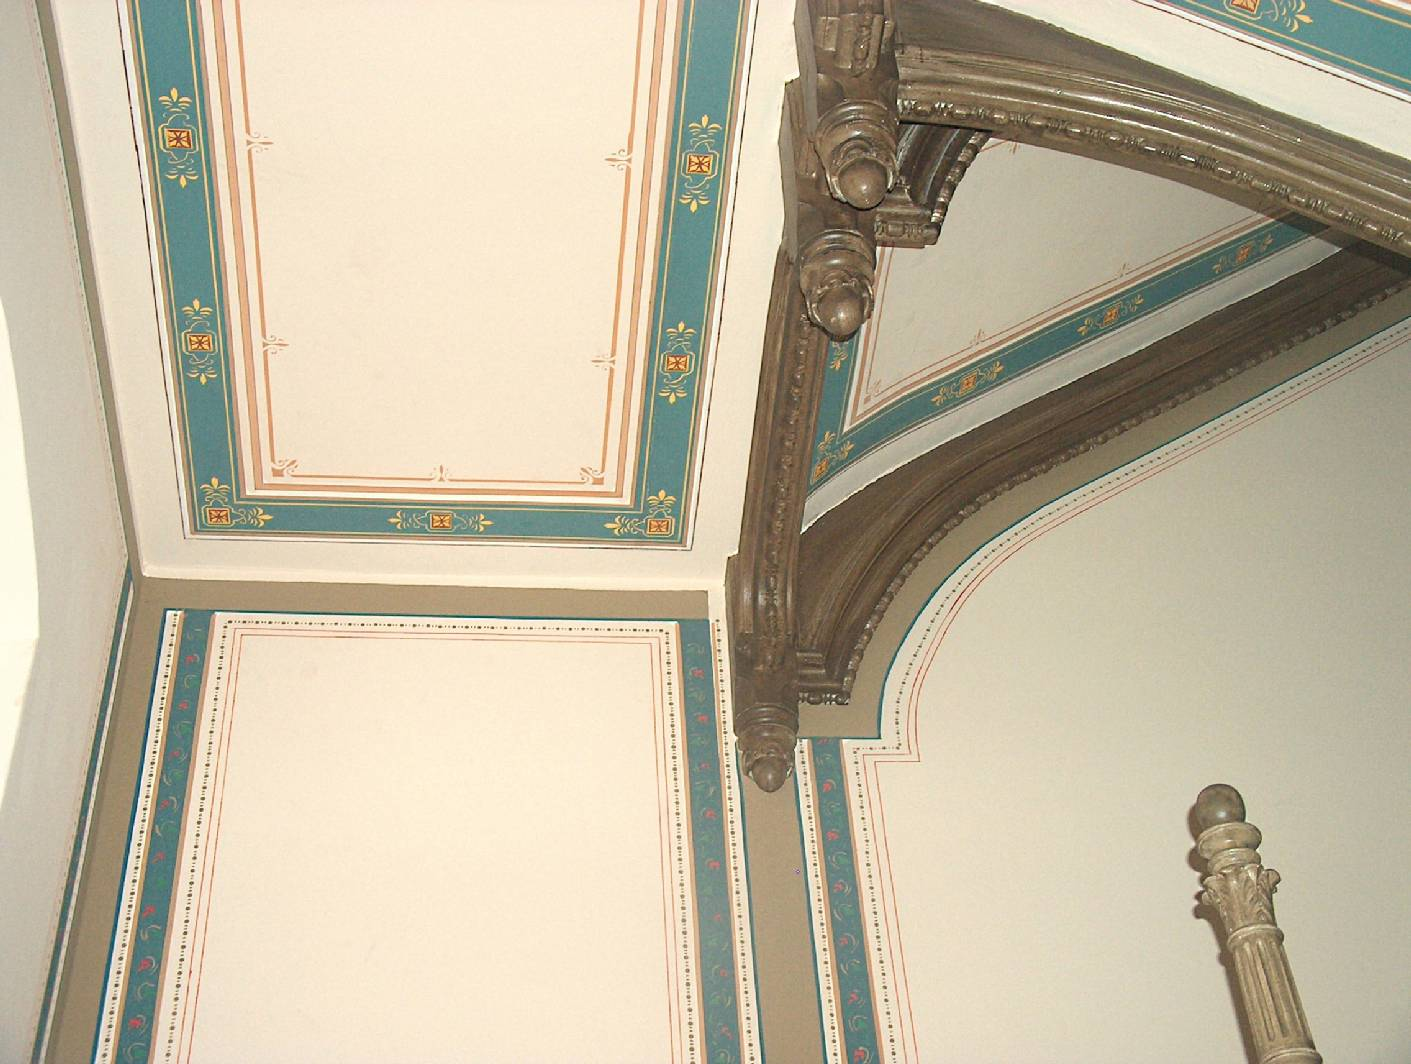 Deckenmalerei und wandmalerei im treppenhaus aus der - Wandmalerei berlin ...